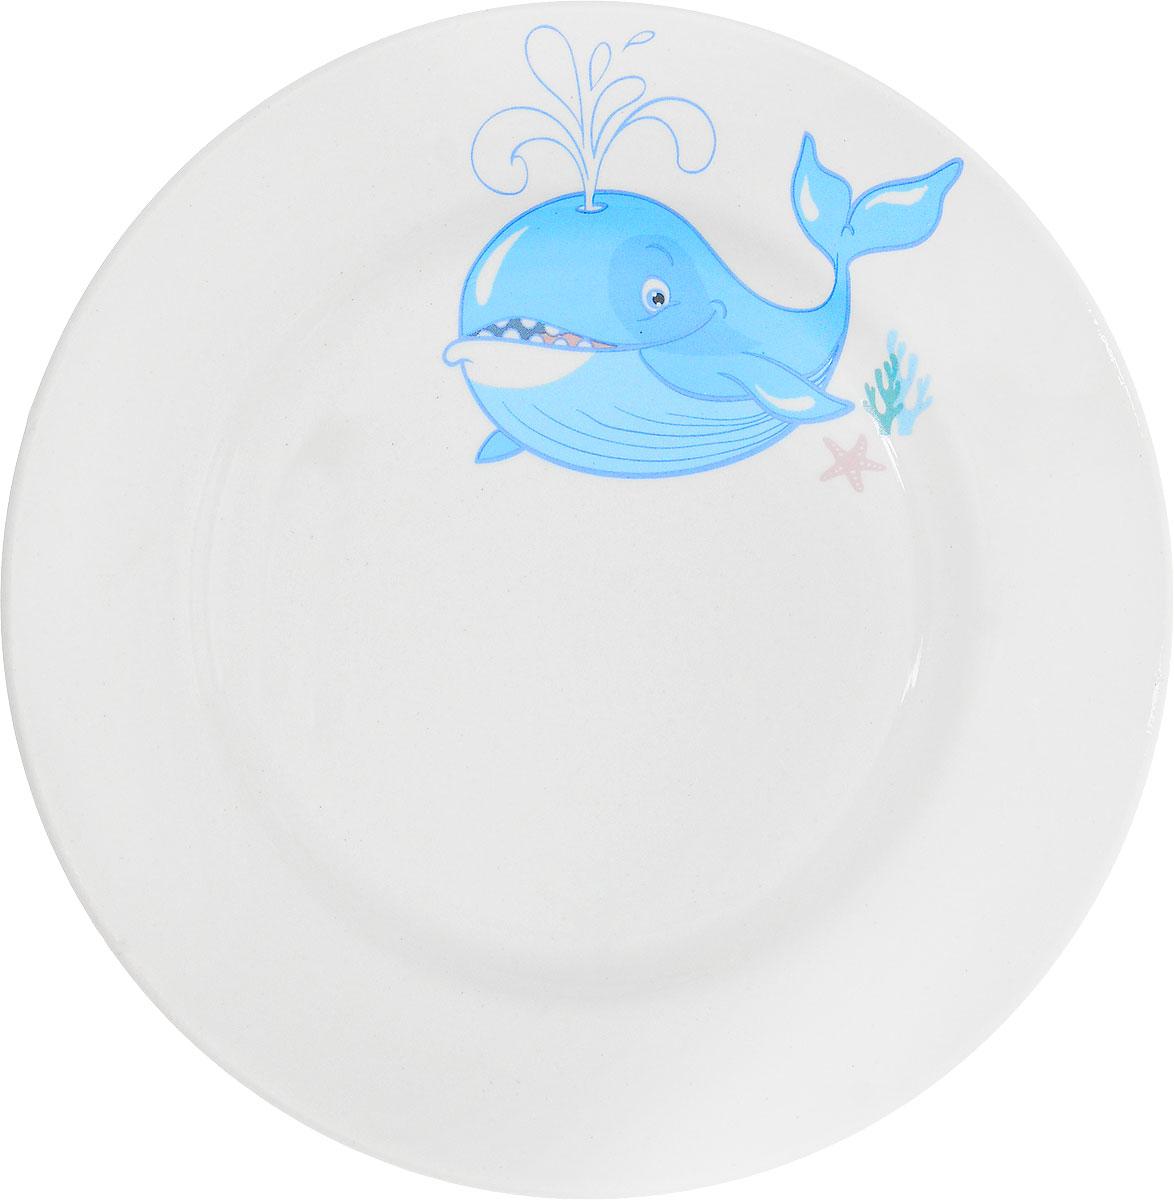 Фаянсовая детская посуда с забавным рисунком понравится каждому малышу. Изделие из качественного материала станет правильным выбором для повседневной эксплуатации и поможет превратить каждый прием пищи в радостное приключение. Особенности: - простота мойки, - стойкость к запахам, - насыщенный цвет.   Уважаемые клиенты! Обращаем ваше внимание на ассортимент рисунков на тарелке. Поставка осуществляется в зависимости от наличия на складе.